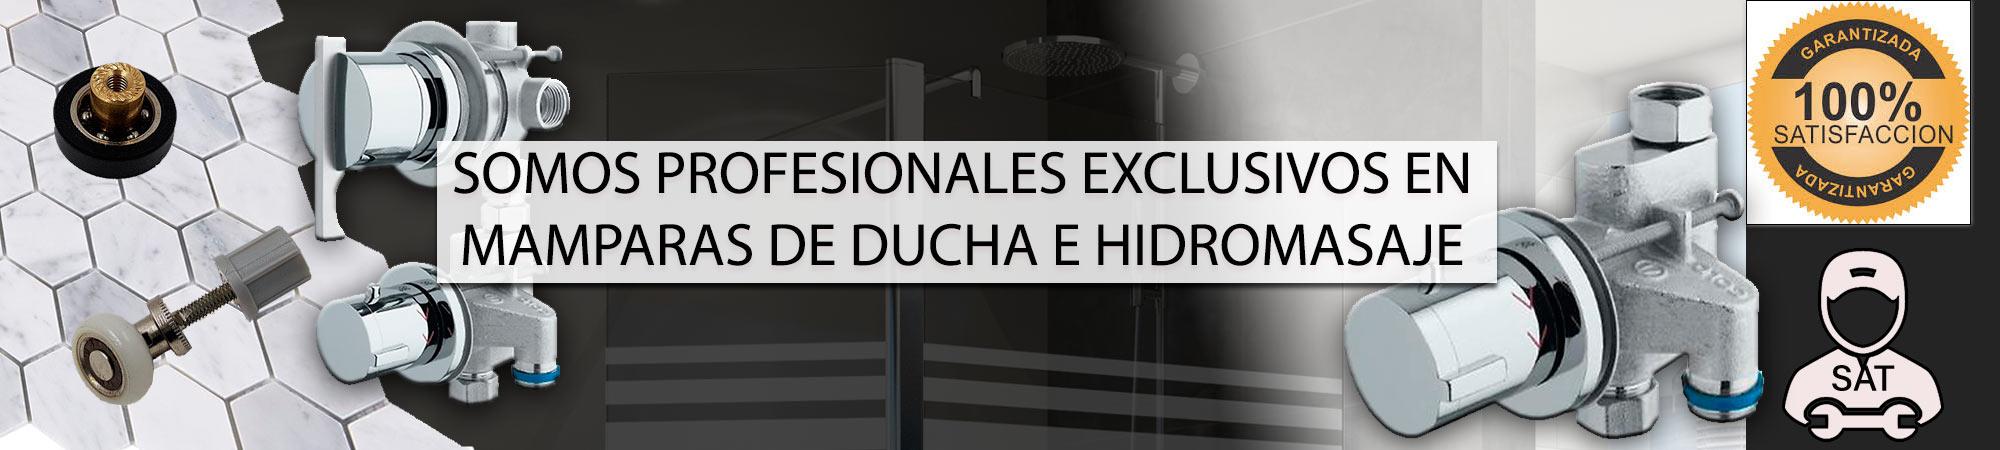 Somos profesionales exclusivos en mamparas de ducha e hidromasaje